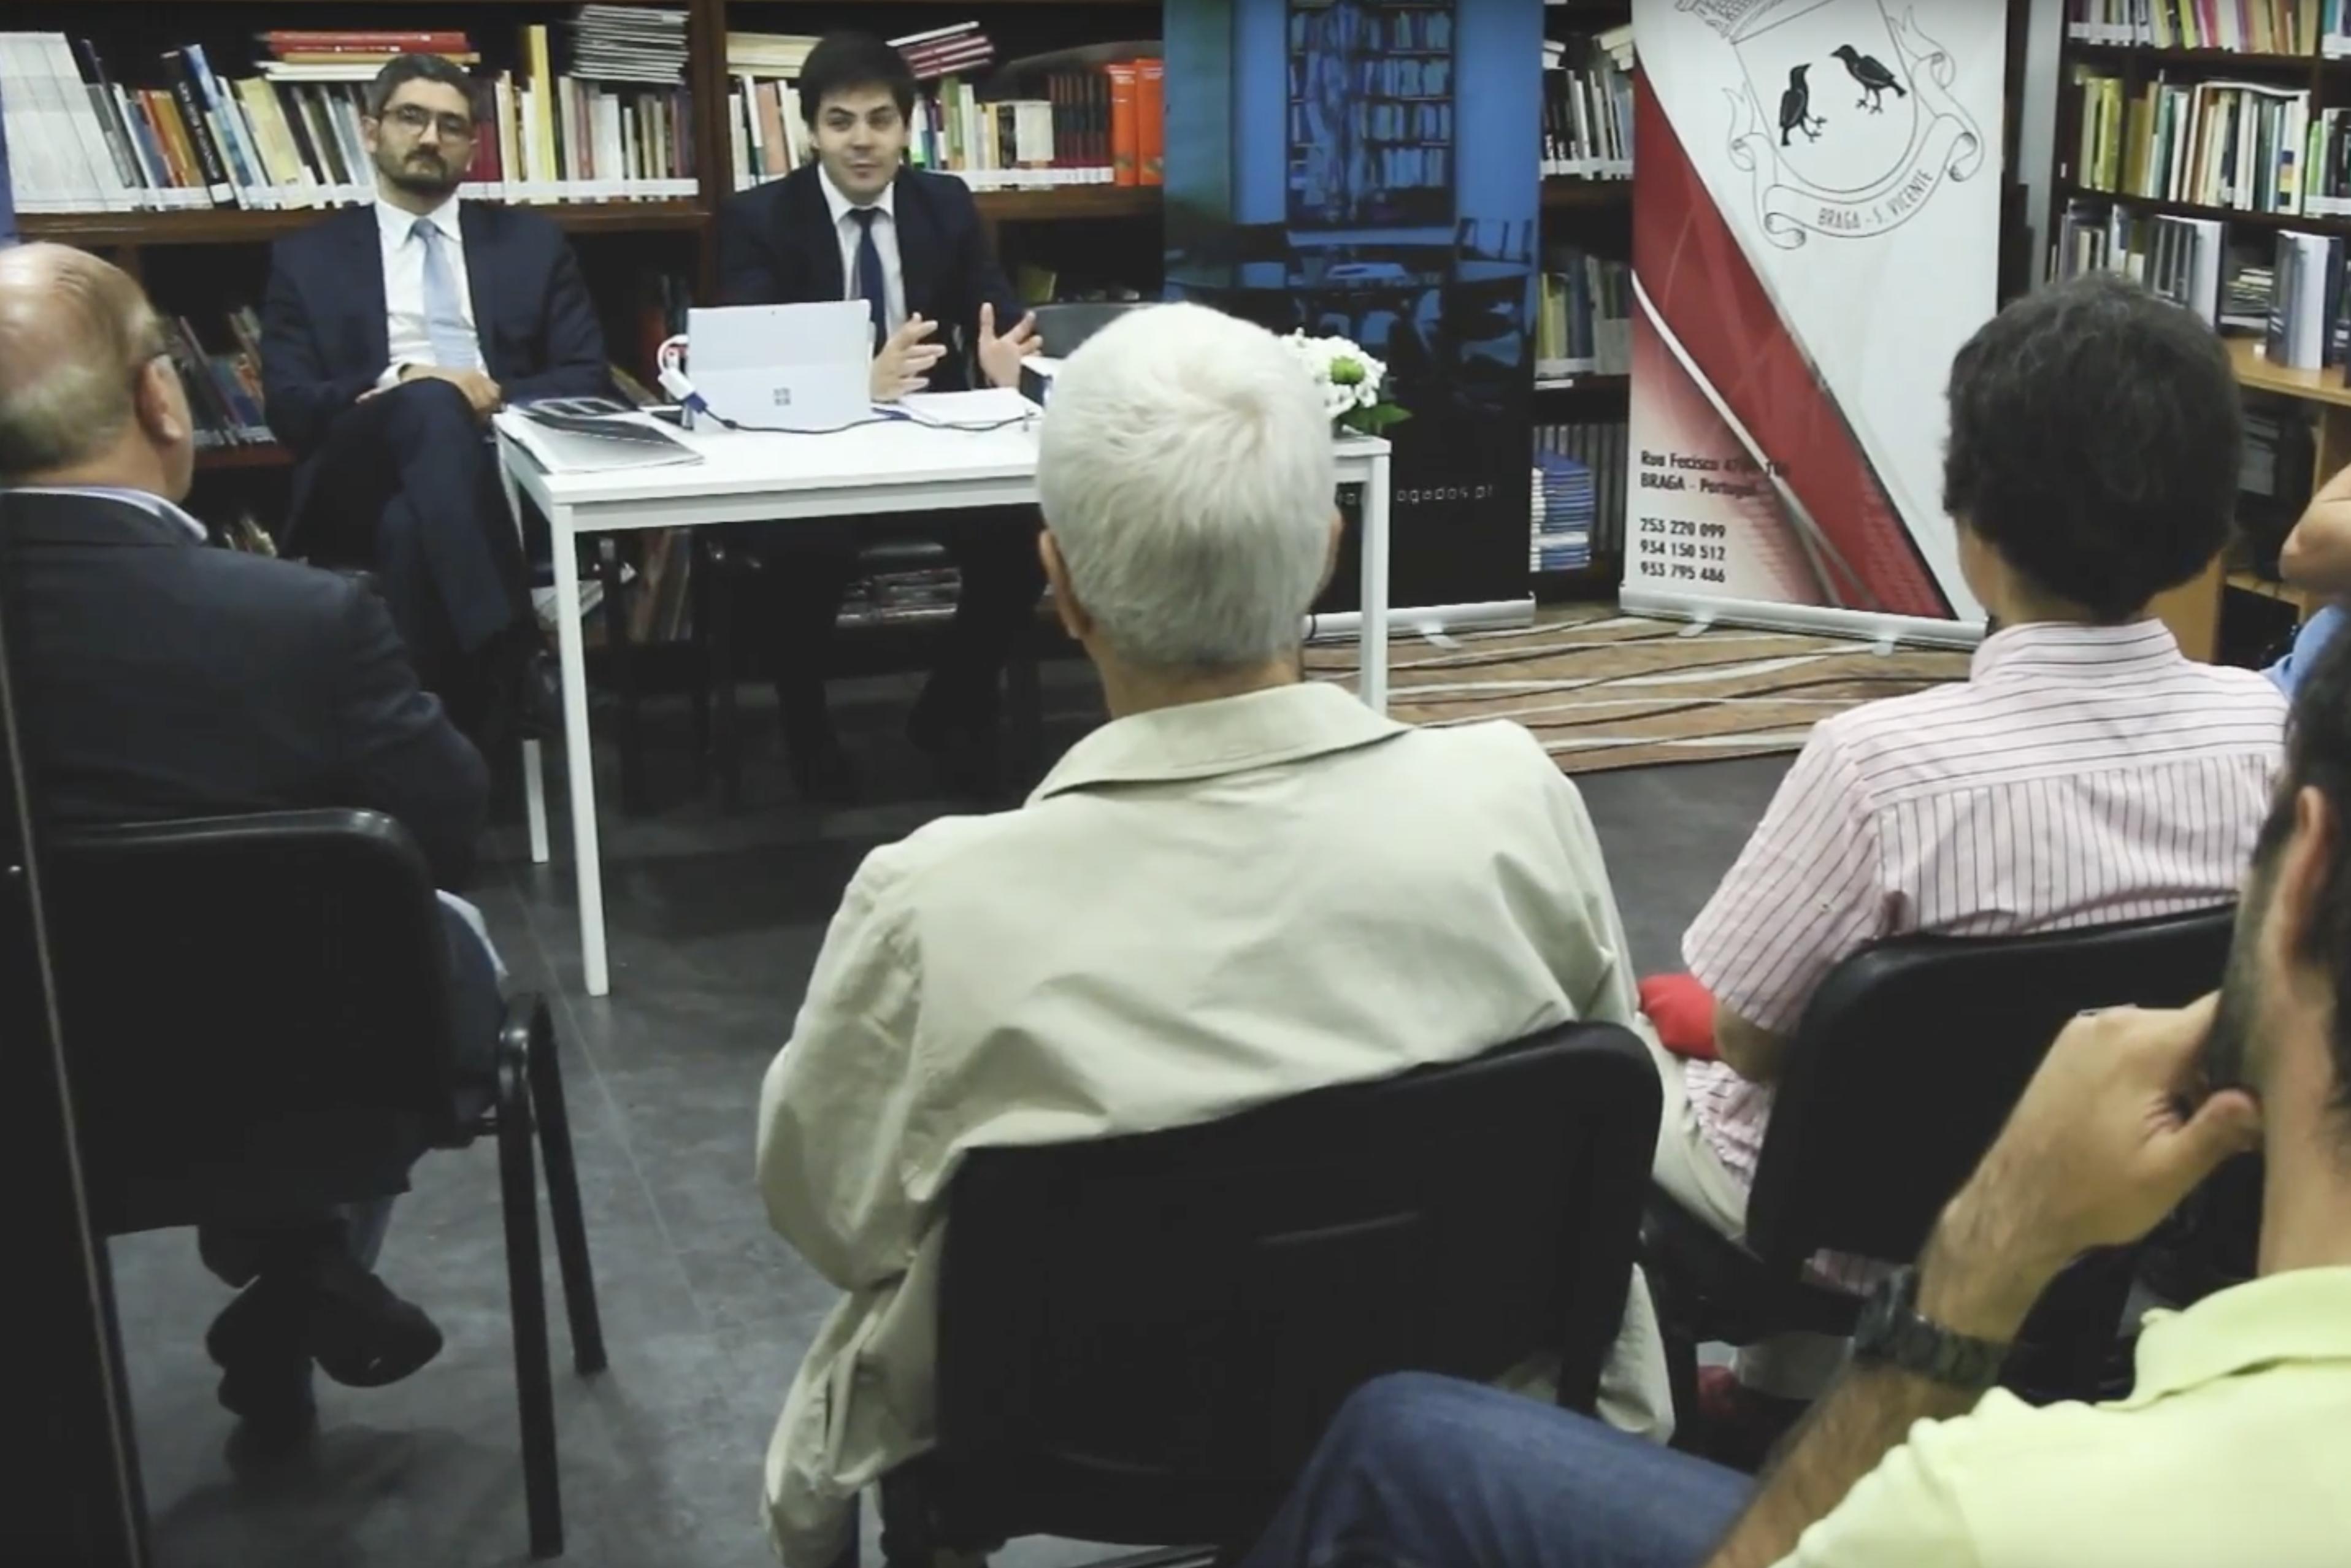 Apresentação livro Braga, com Dr. Domingos Alves